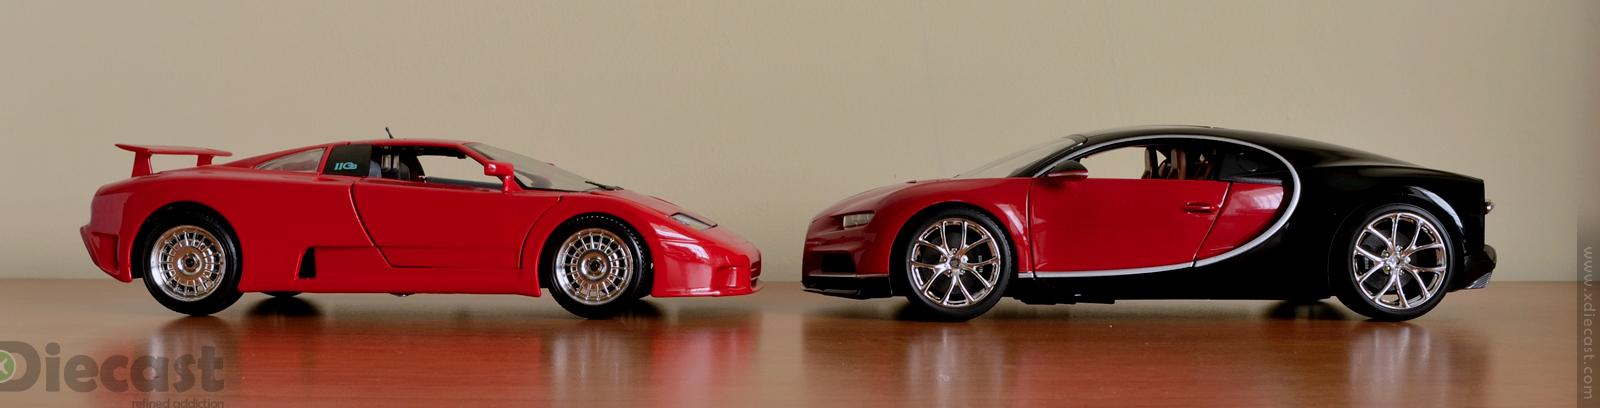 Bburago 1:18 Bugatti Chiron vs Bugatti EB110